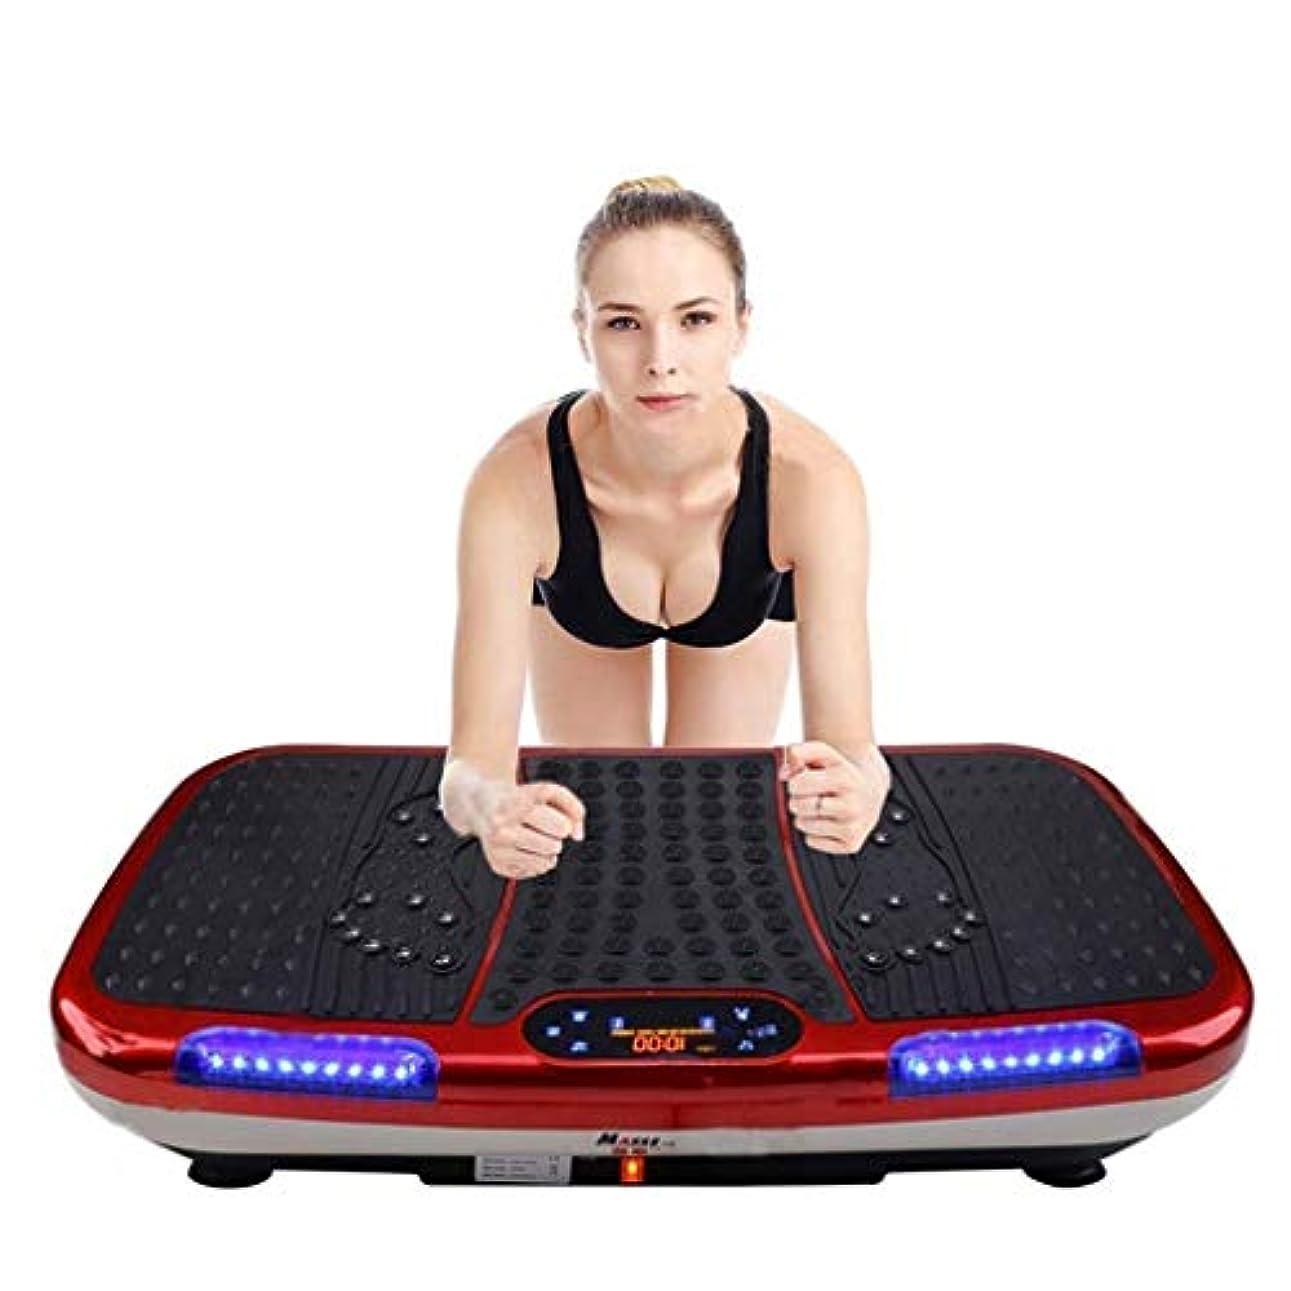 プラグ勇敢な湿原家庭用減量装置、フィットネス振動トレーナー、Bluetooth音楽スピーカー、身体振動マッサージボード、男女兼用、過剰脂肪削減